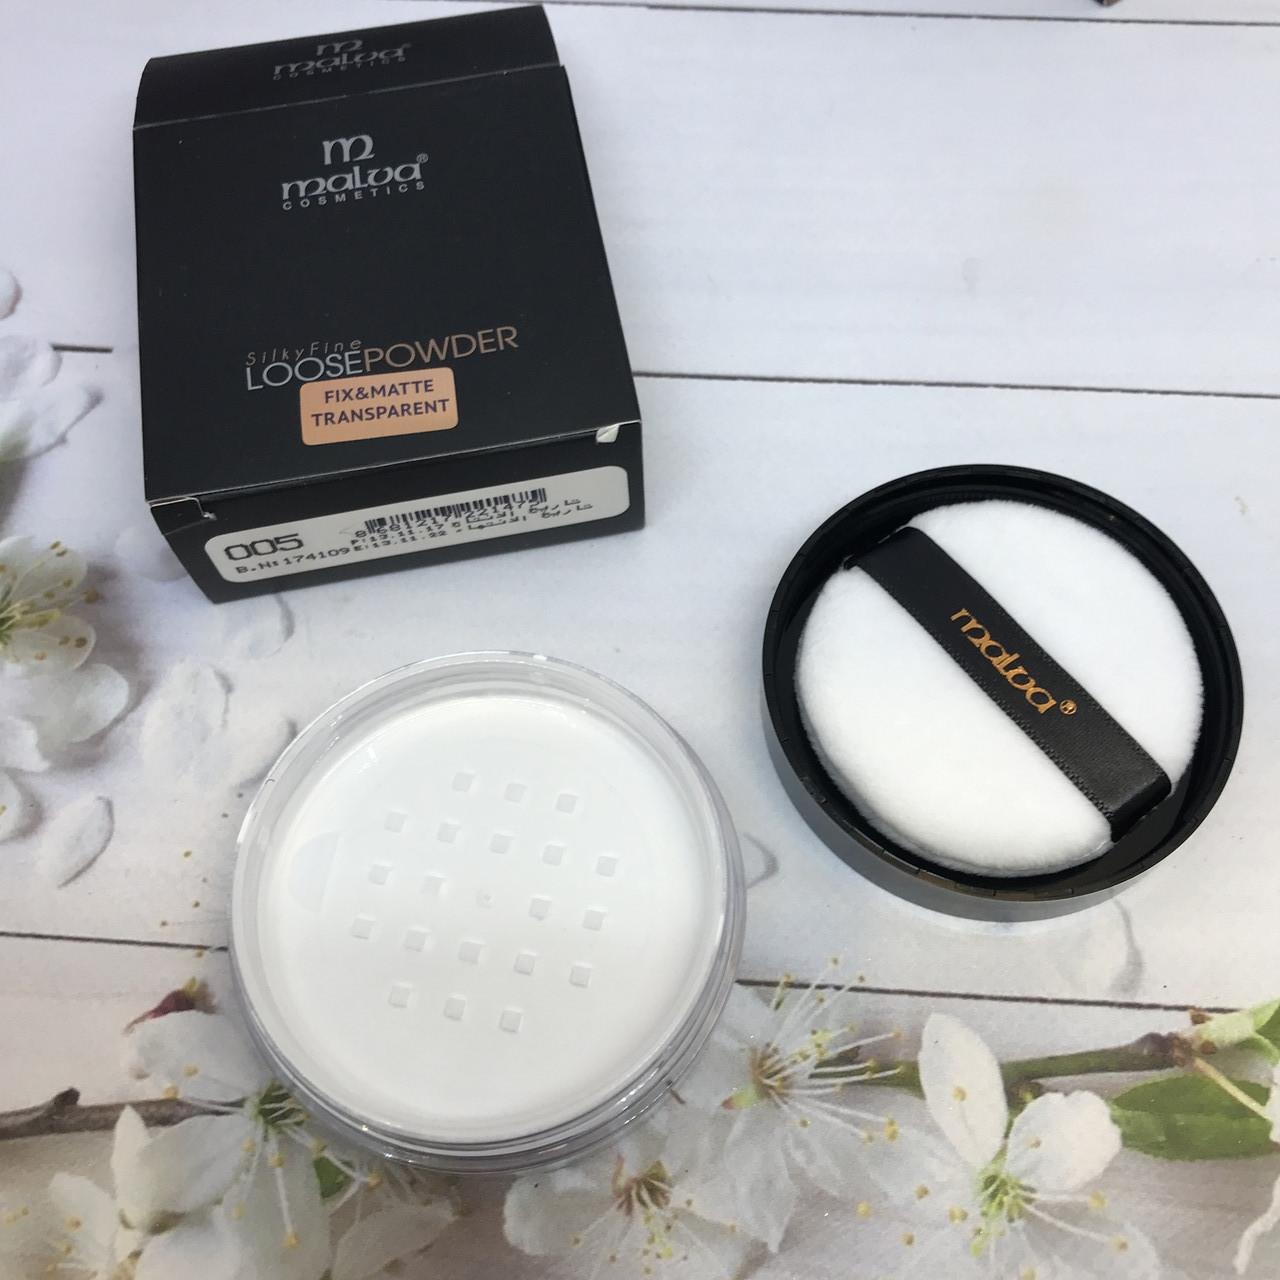 Пудра от malva cosmetics silky fine loose pouder - воздушная и прозрачная